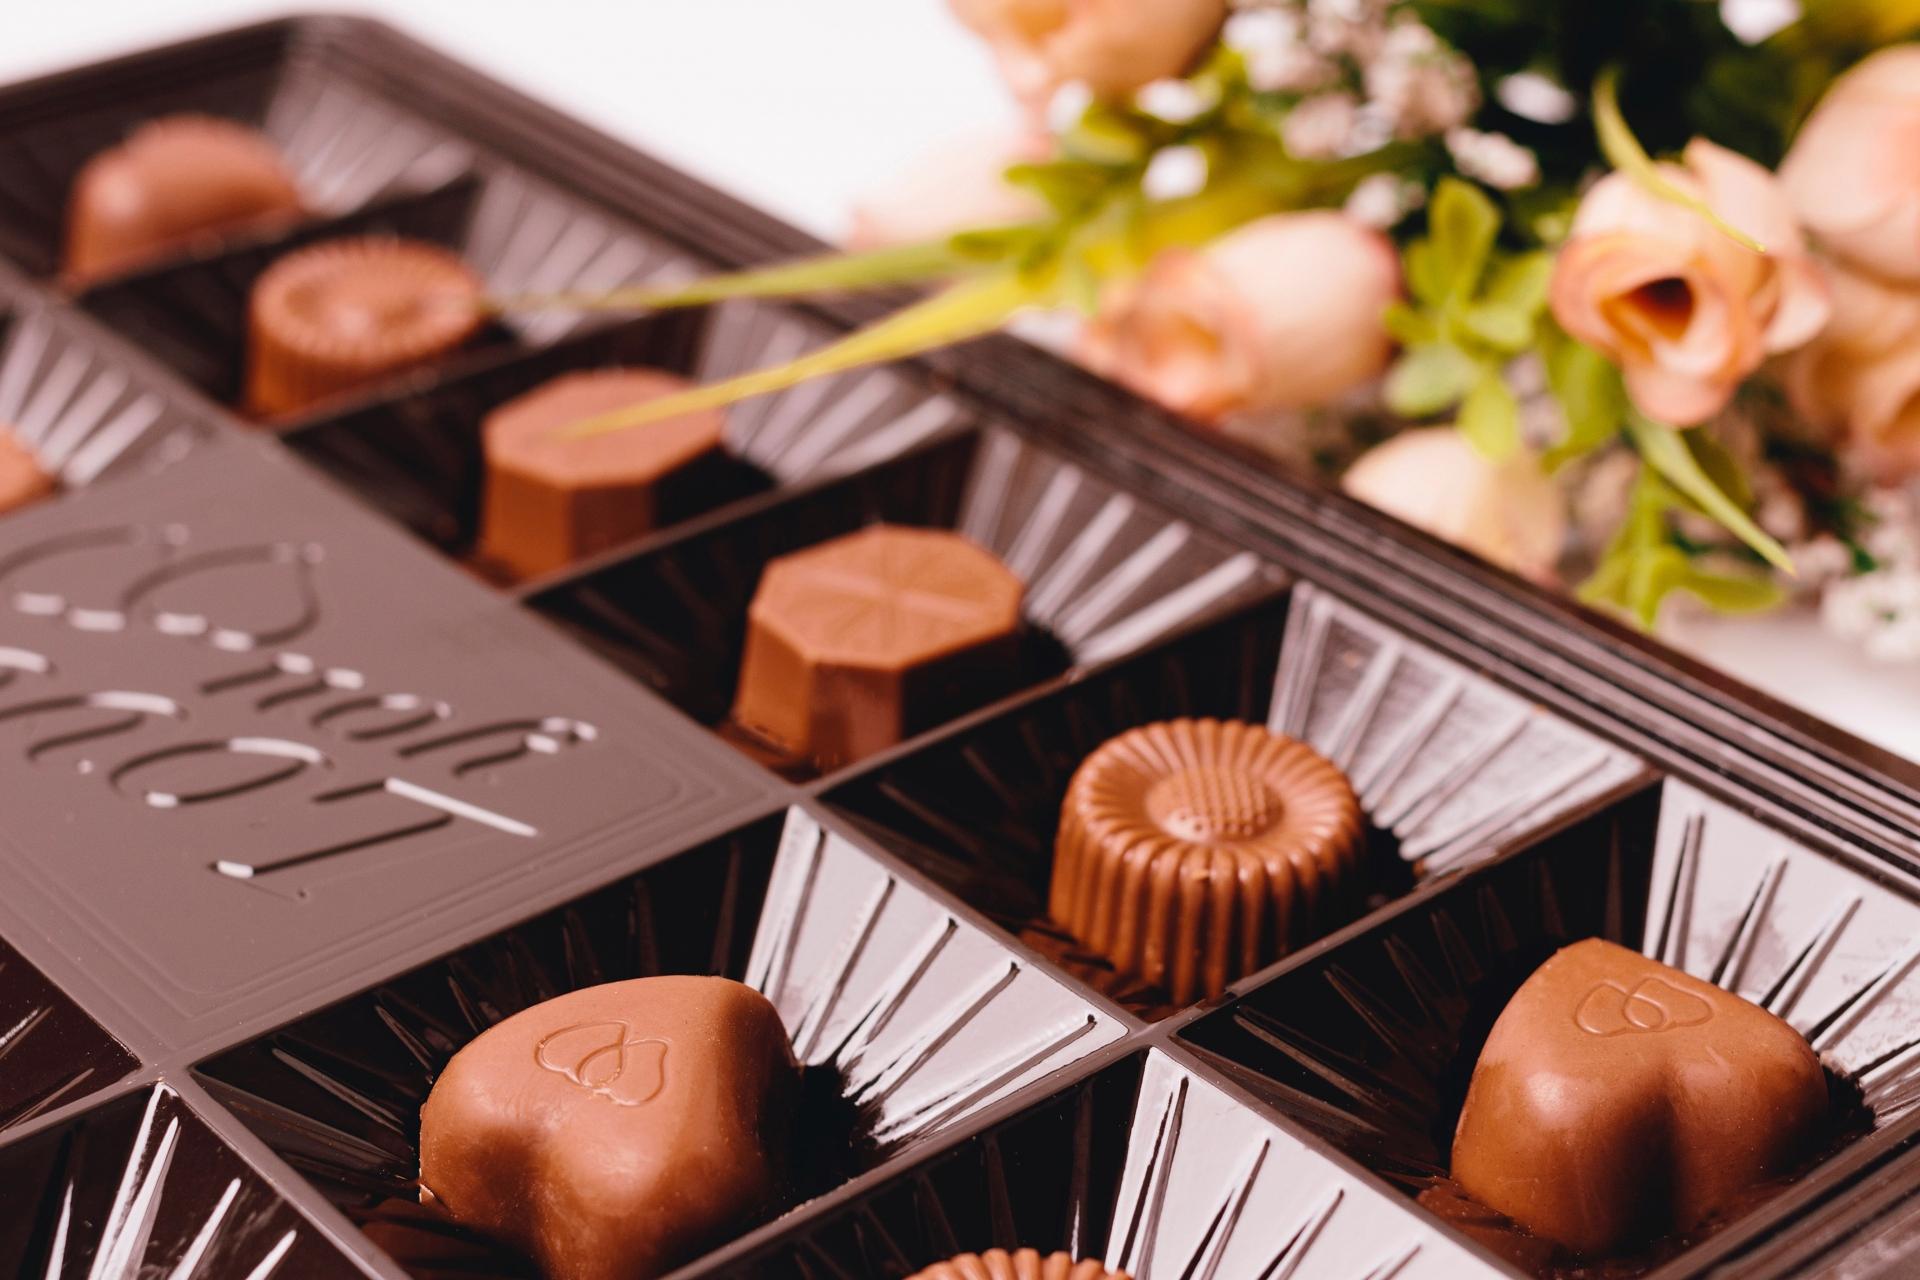 【バレンタイン】片思いの人に手作りのチョコレートをあげるのってあり?